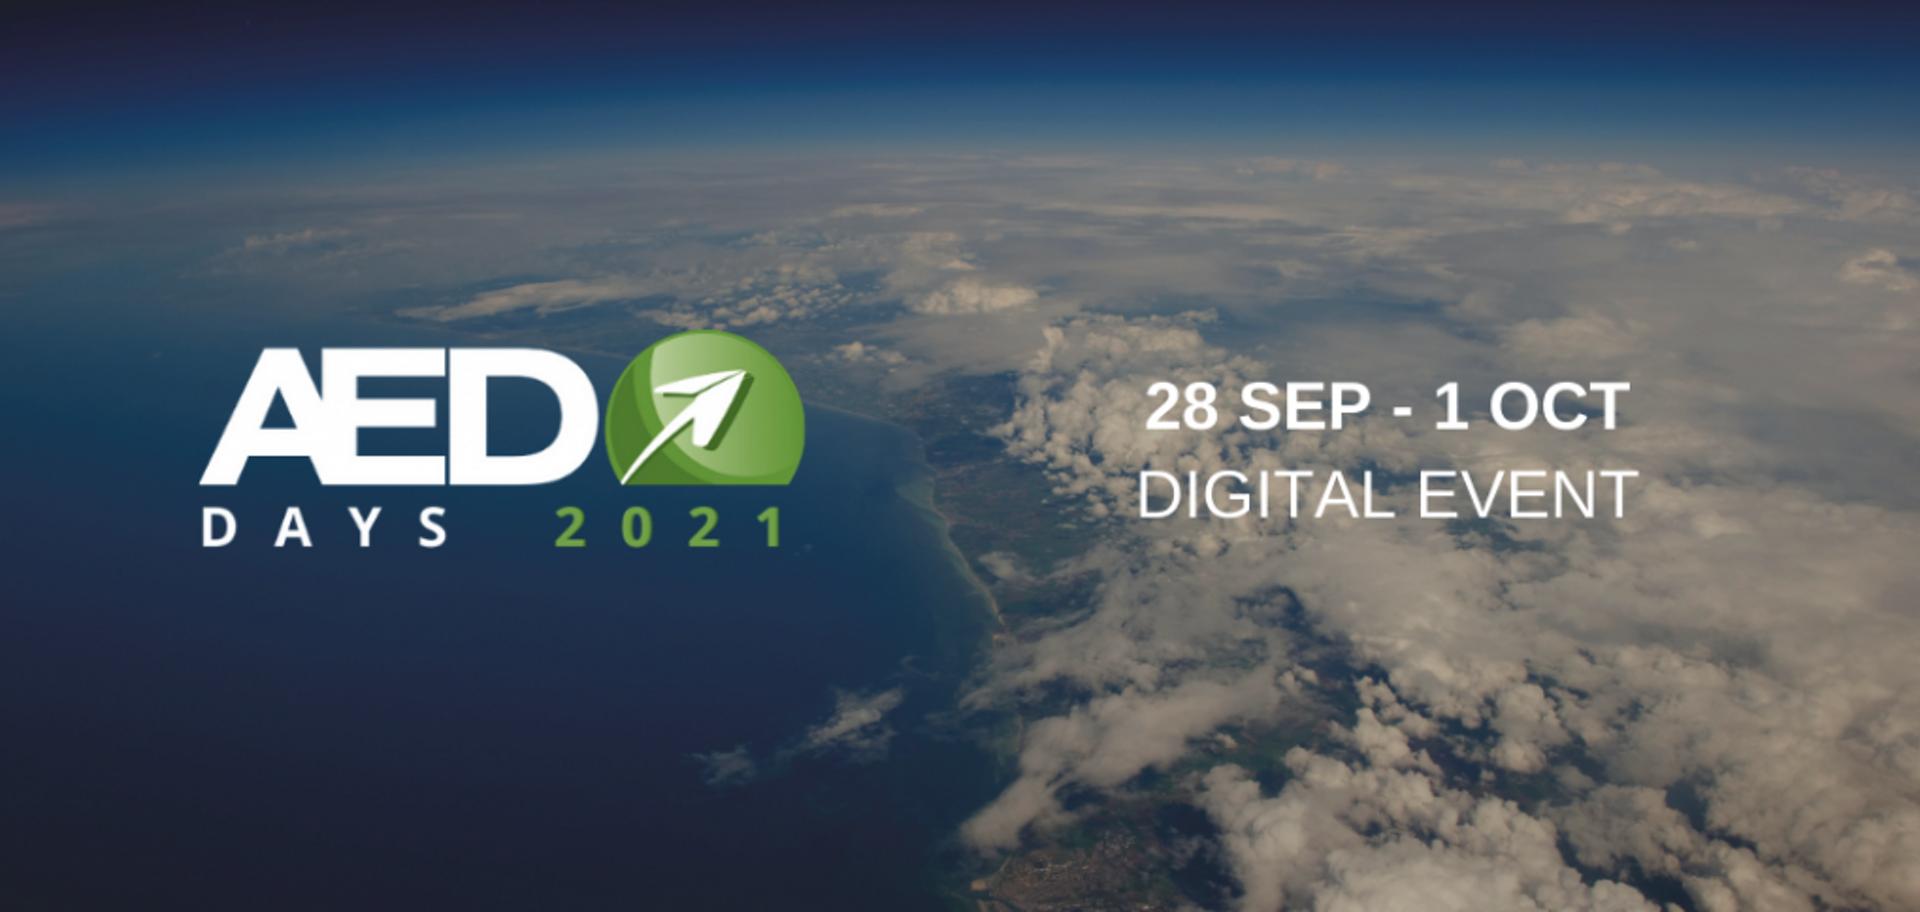 Airbus Careers AED 2021 Event